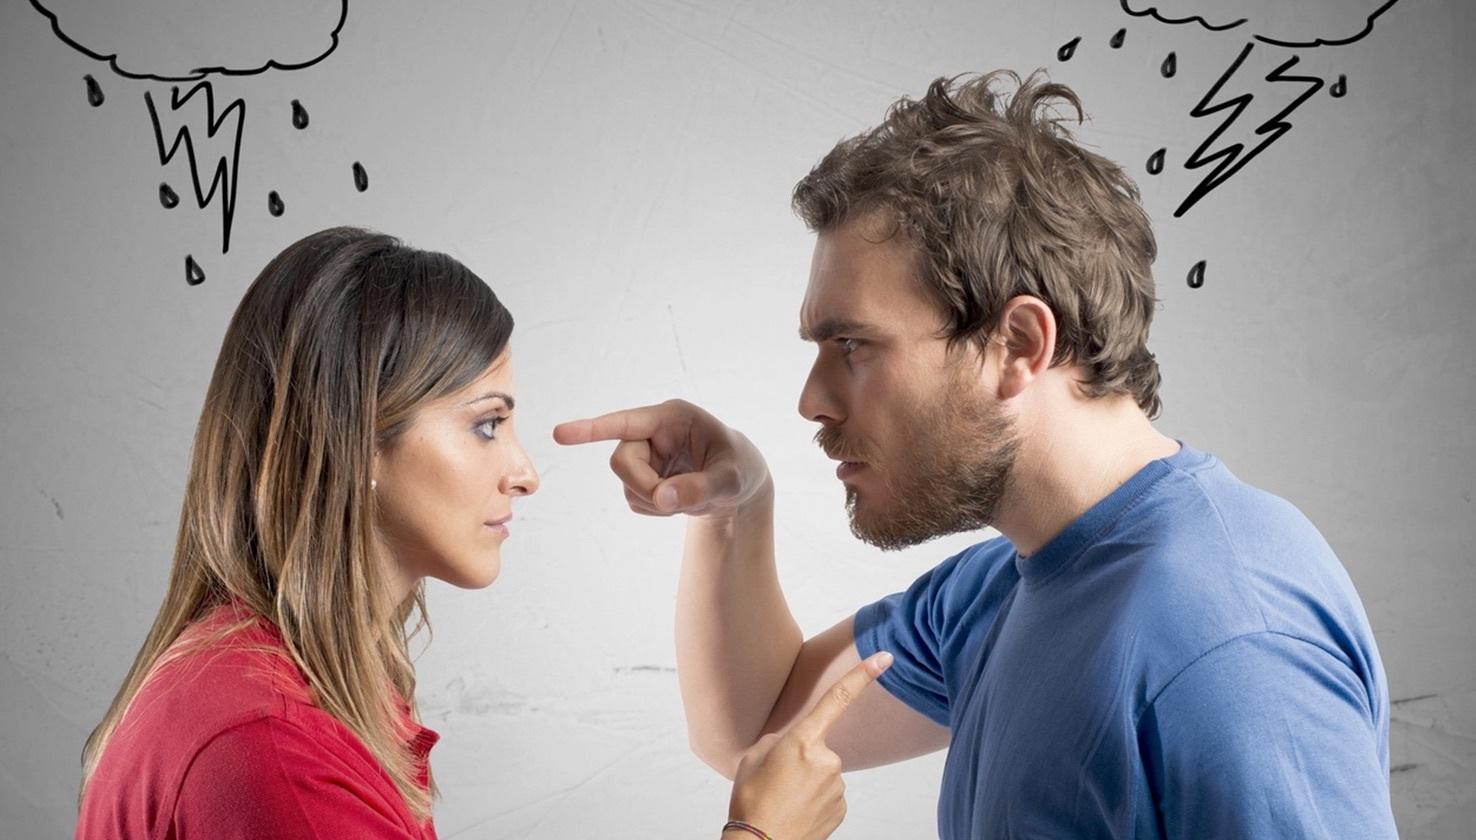 Врач раскрыл причину возникновения конфликтов между мужчинами и женщинами